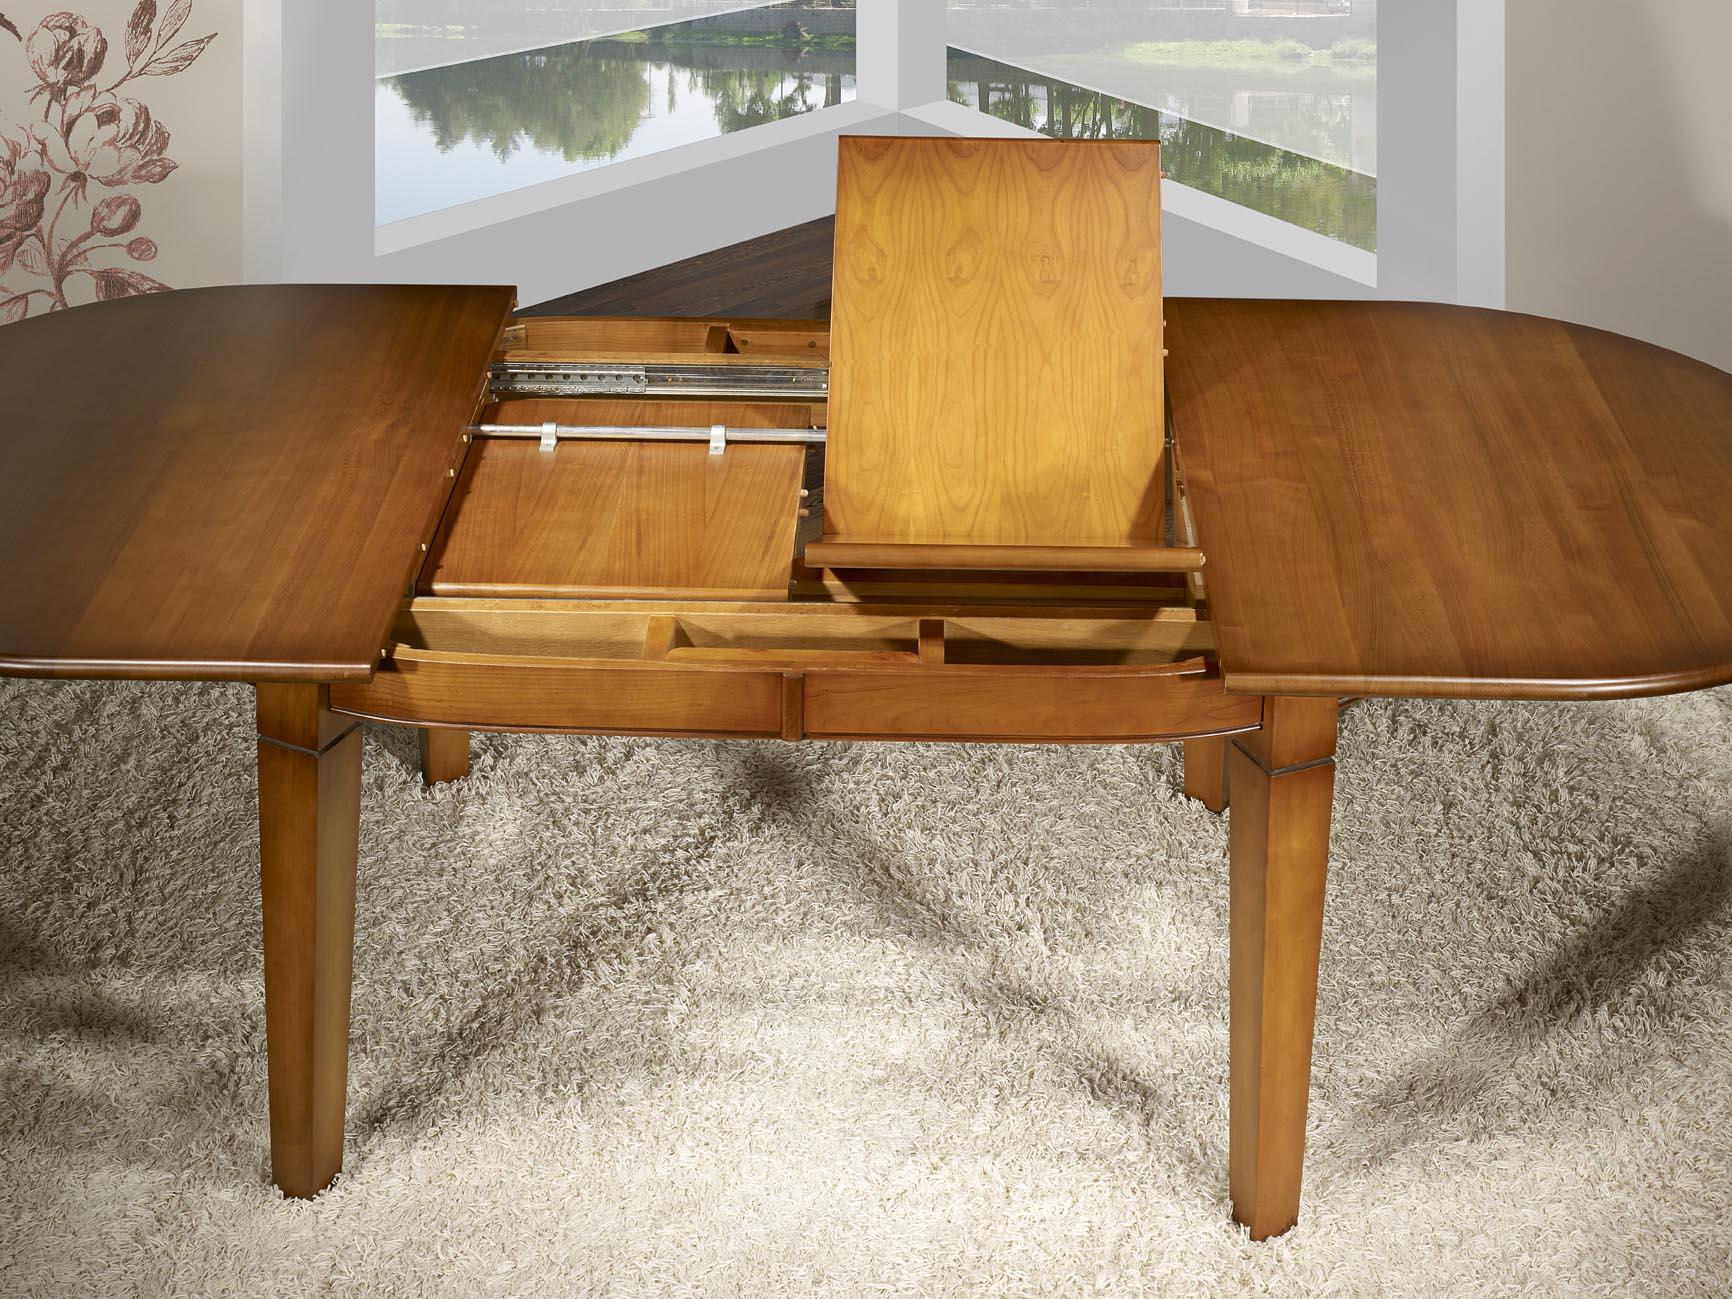 table ovale 180x110 en merisier de style campagne 4 pieds fuseaux 2 allonges portefeuilles. Black Bedroom Furniture Sets. Home Design Ideas